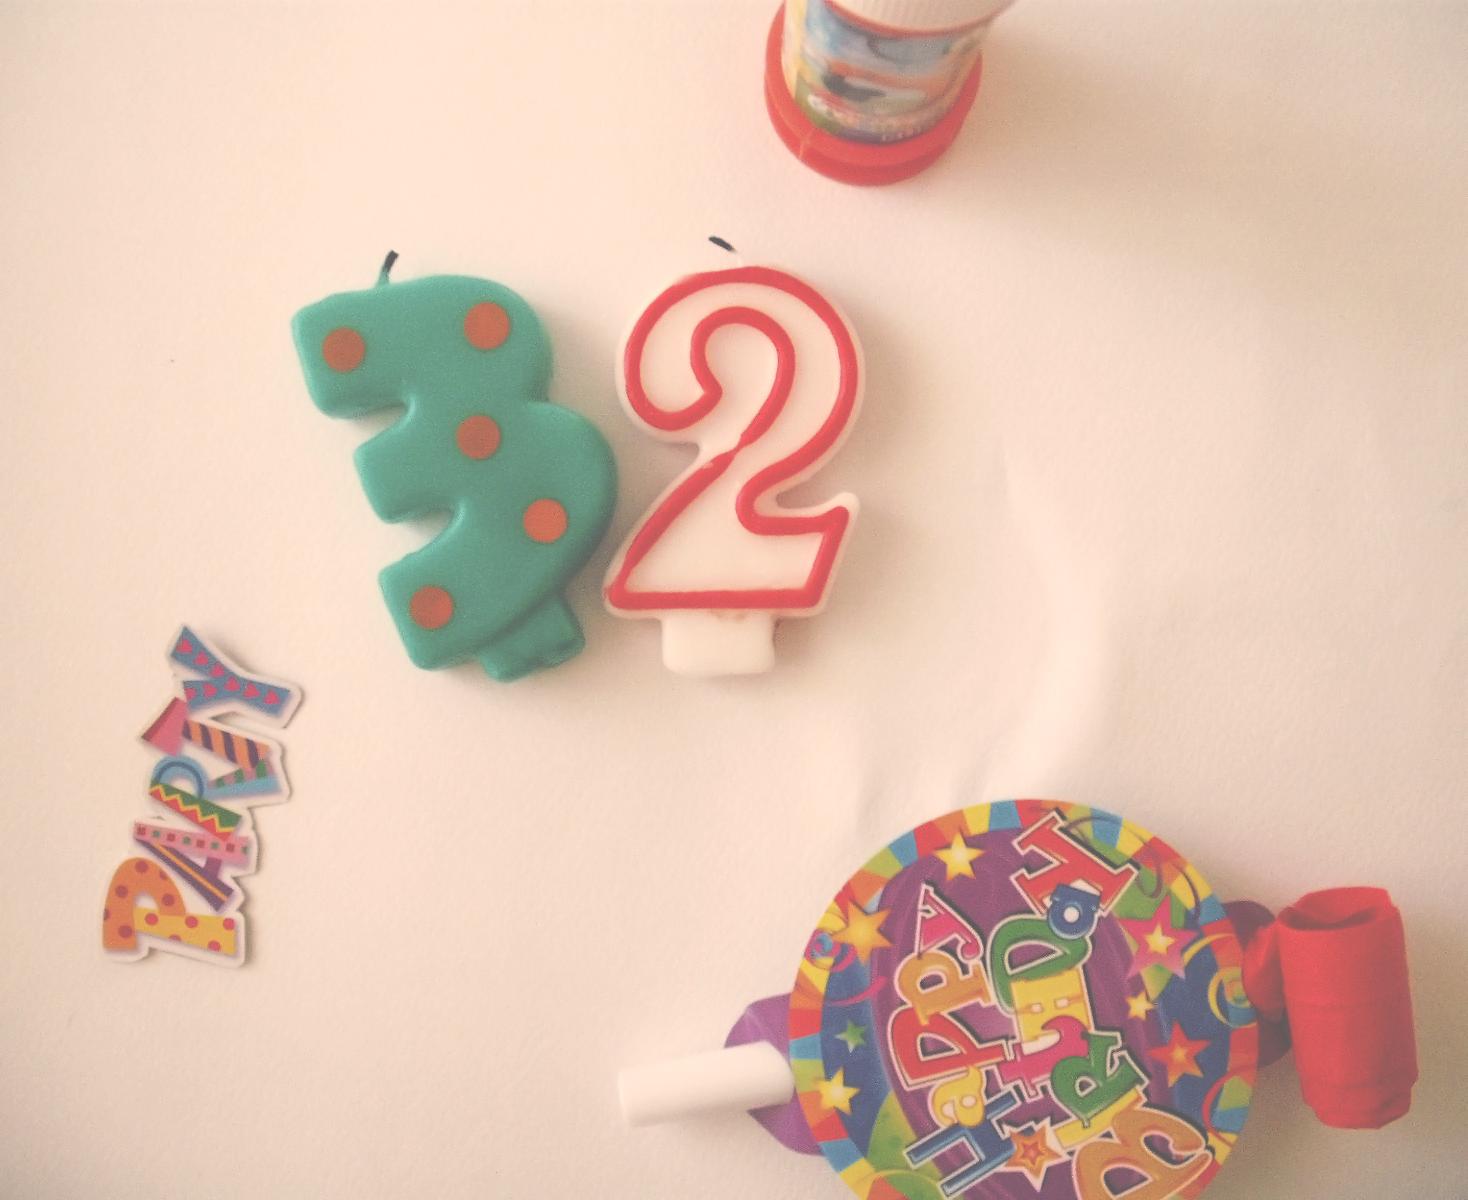 32 years birthday cake candles